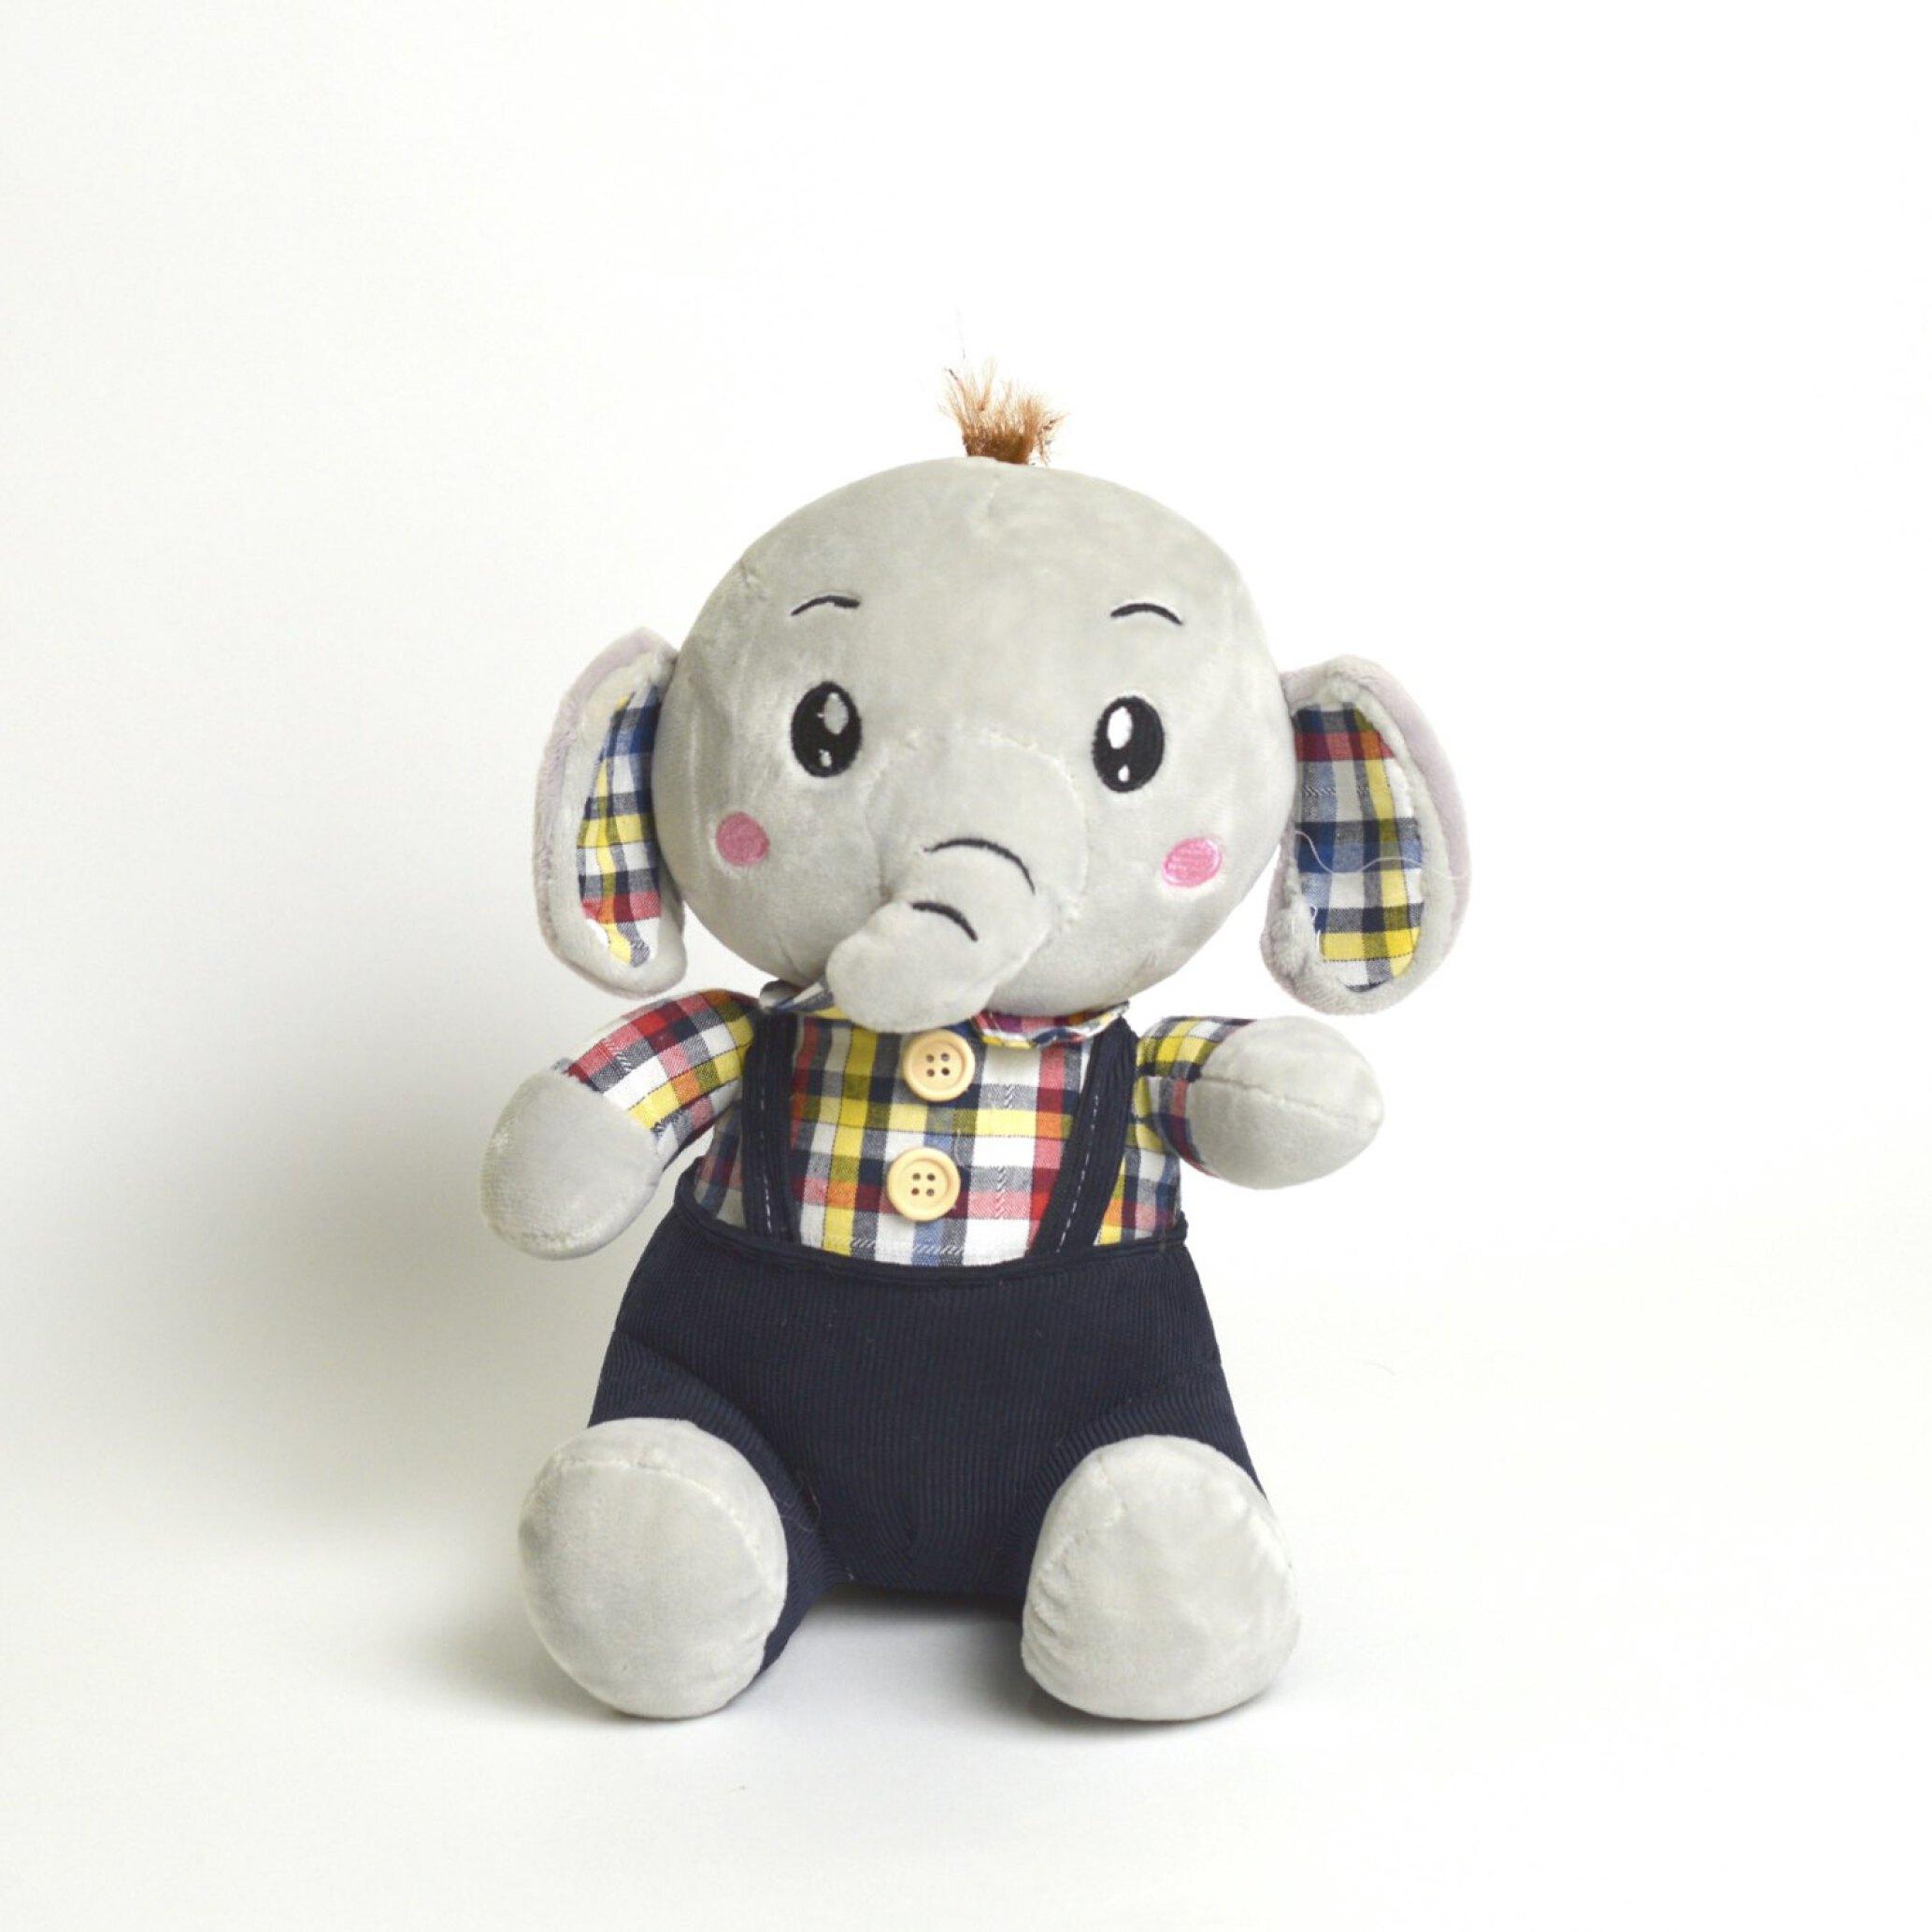 عروسک پولیشی بچه فیل با پیرهن چارخونه